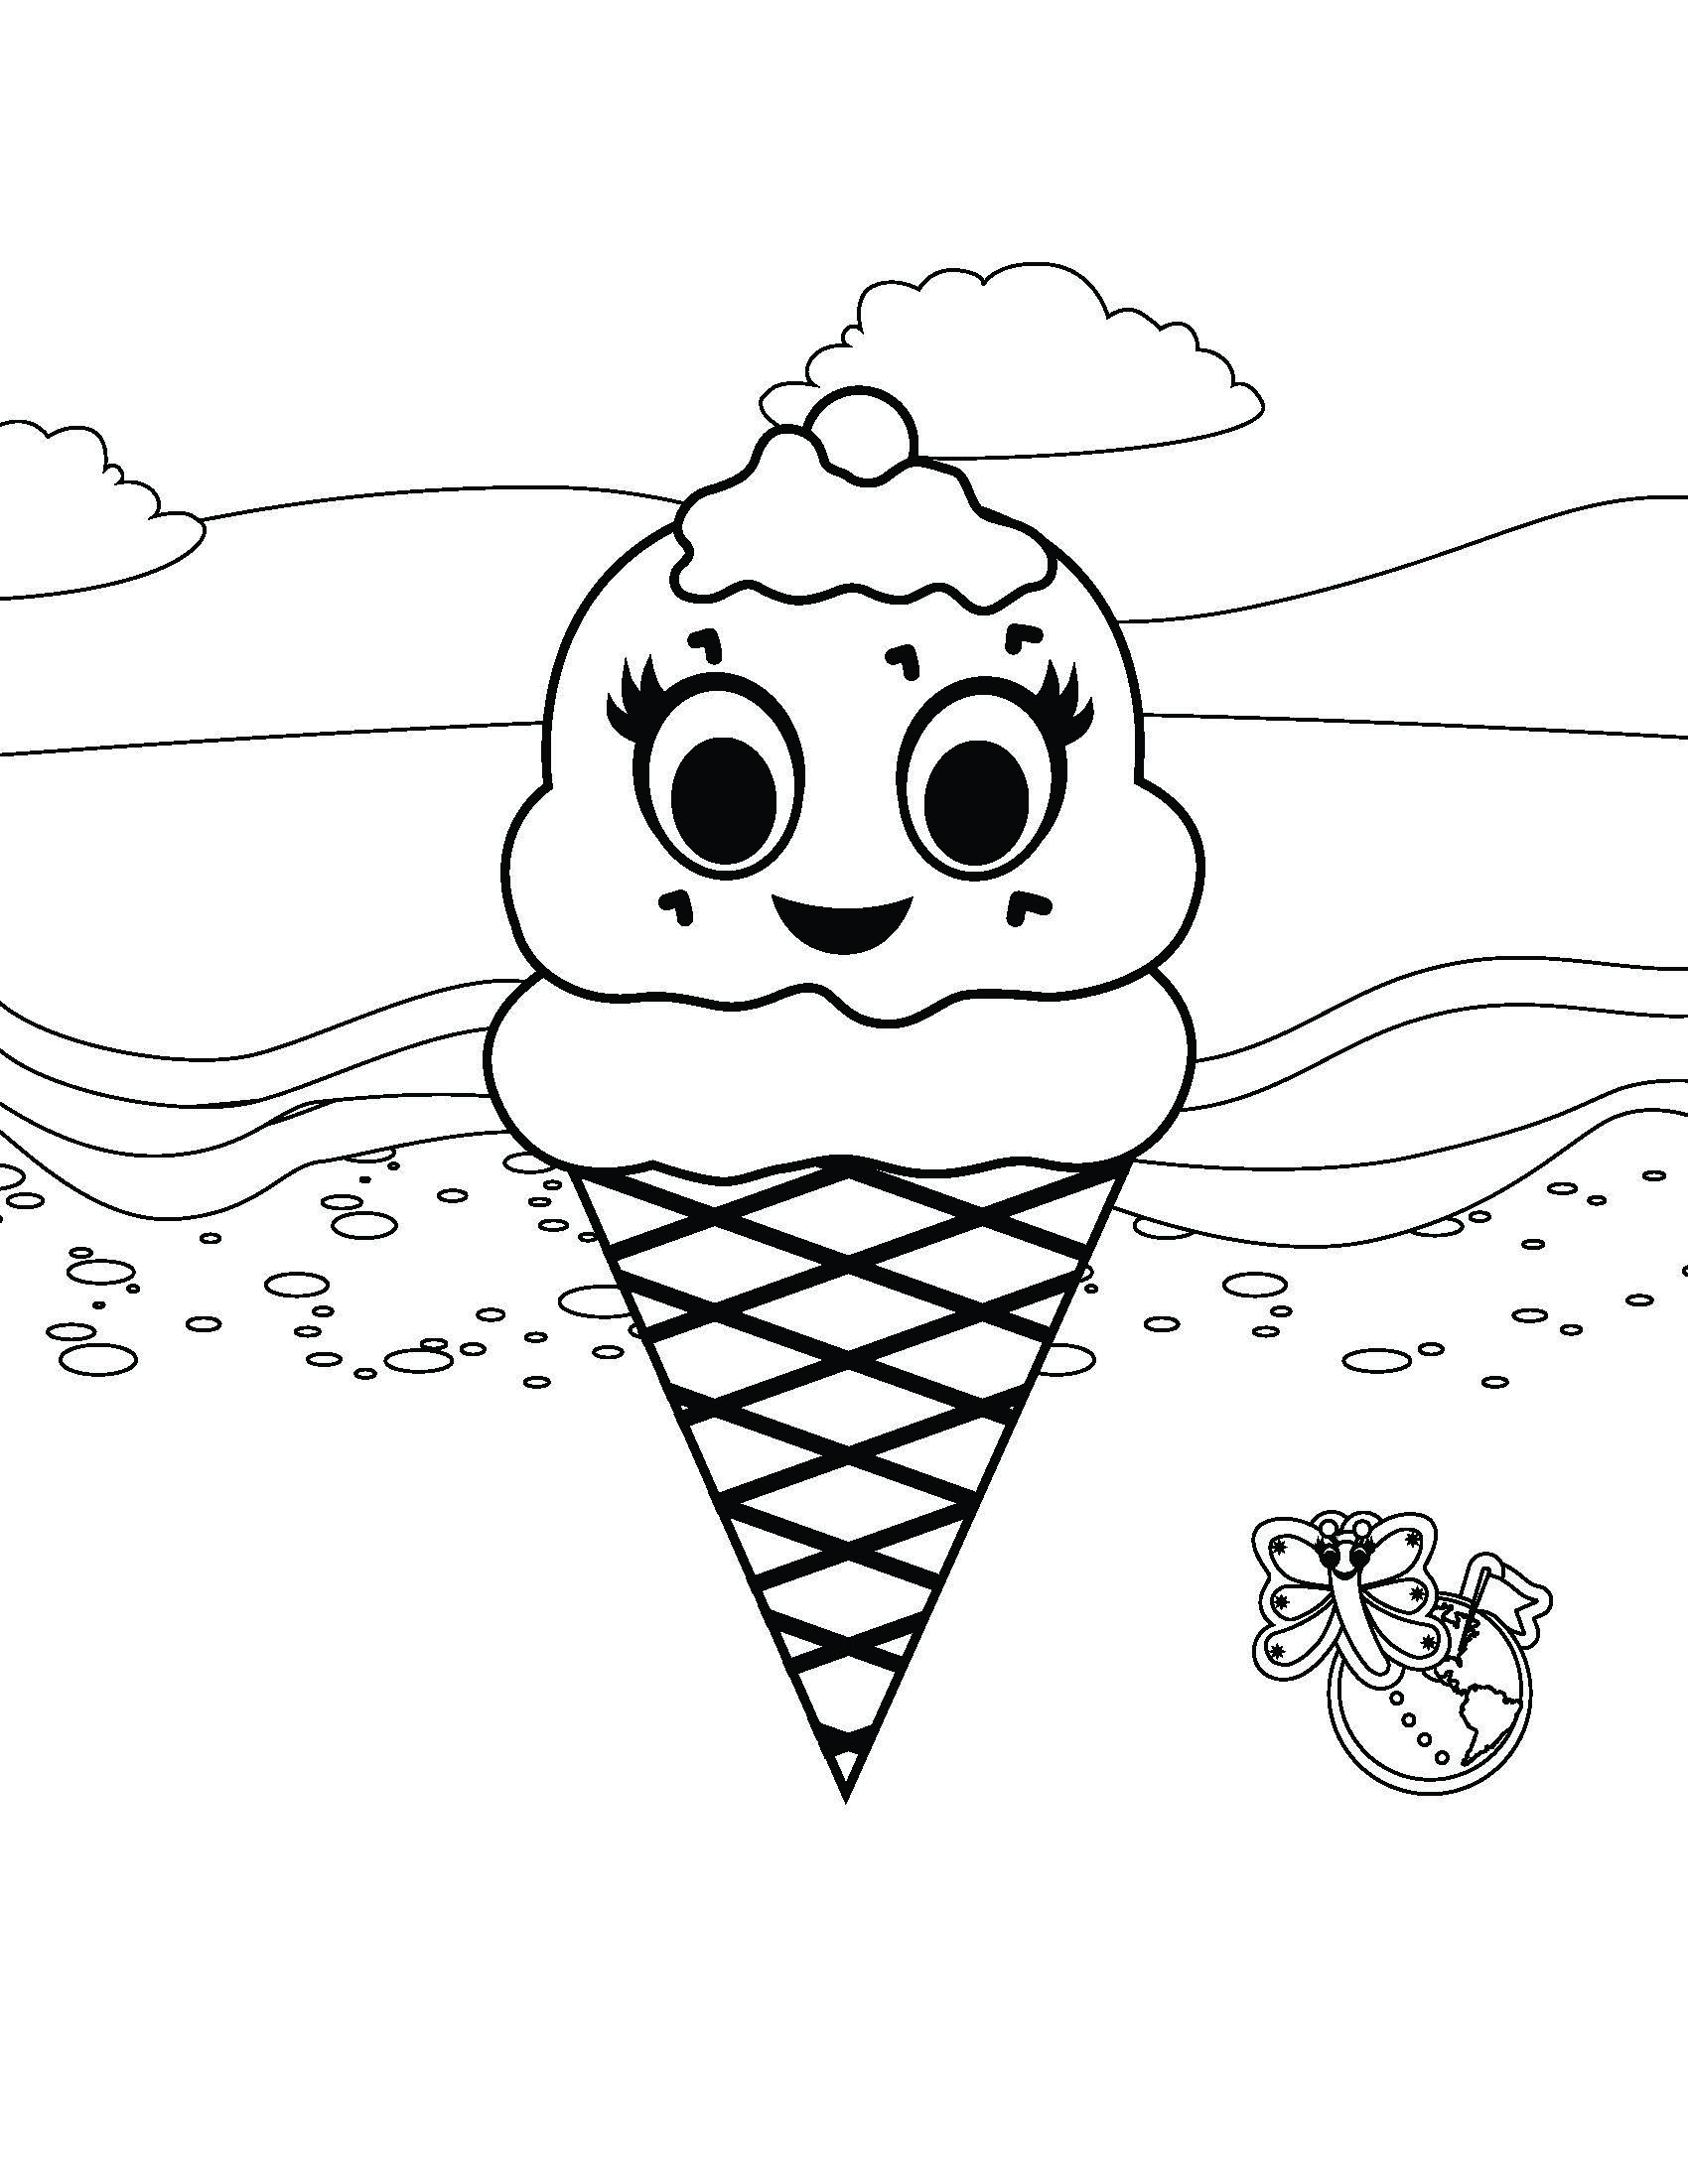 Edie the Ice Cream Cone